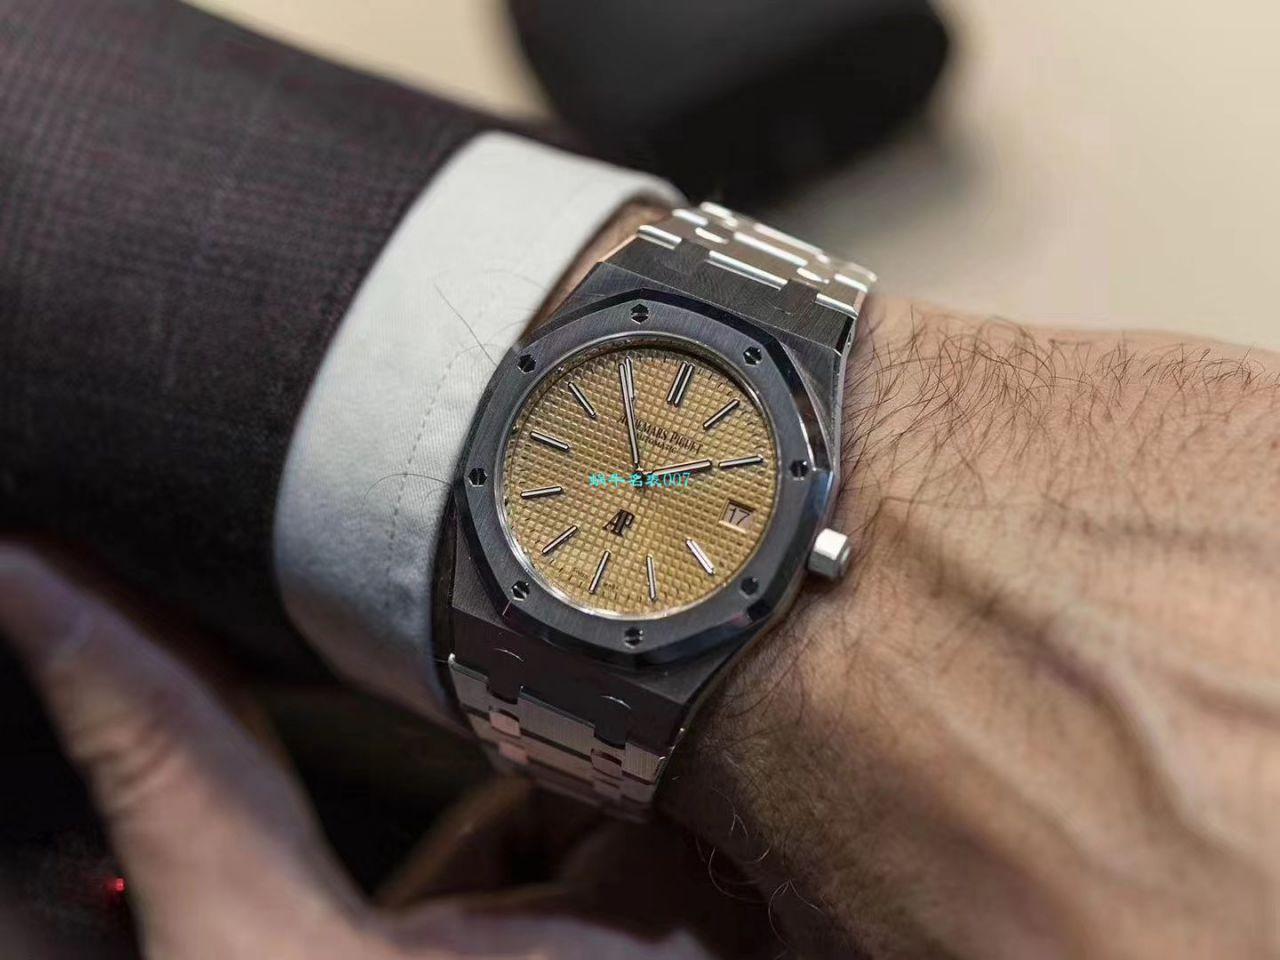 XF厂顶级复刻AP手表爱彼皇家橡树系列15202BC.OO.1240BC.01腕表 / AP205